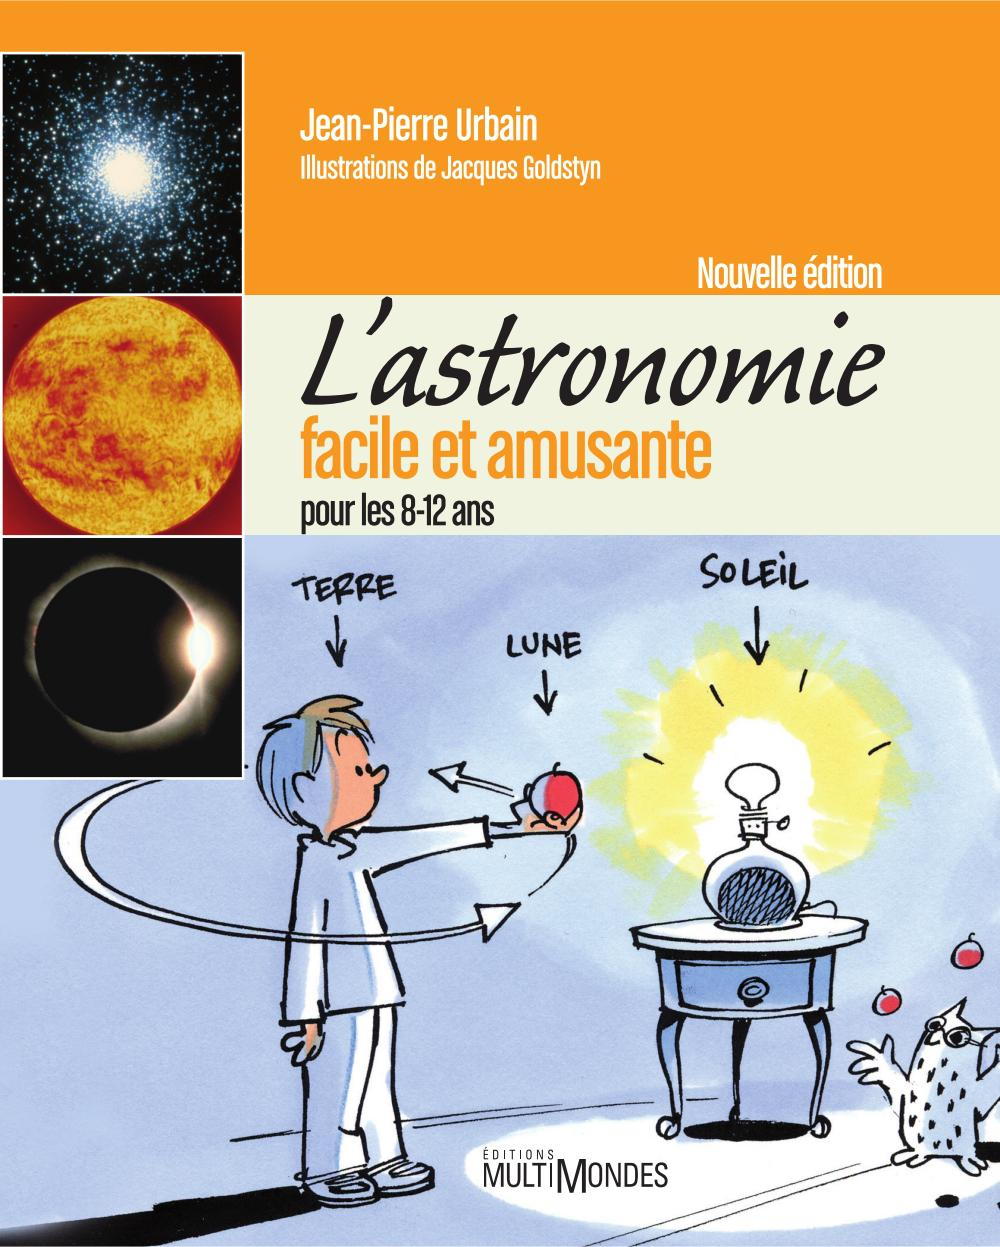 L'astronomie facile et amusante pour les 8-12 ans – Nouvelle édition